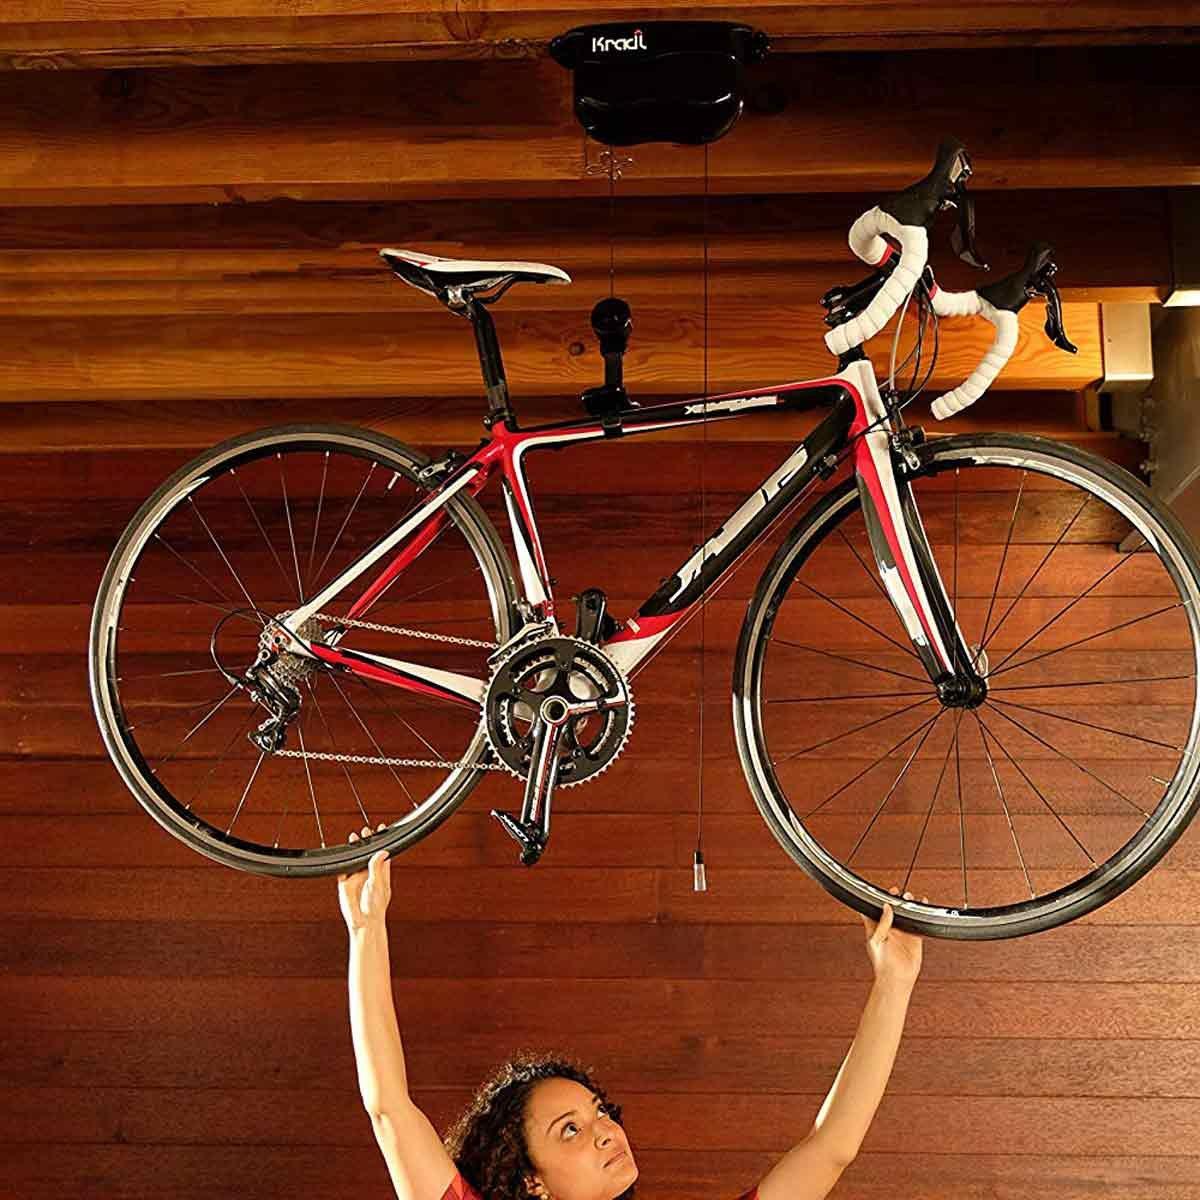 Kradel-Bike-Rack